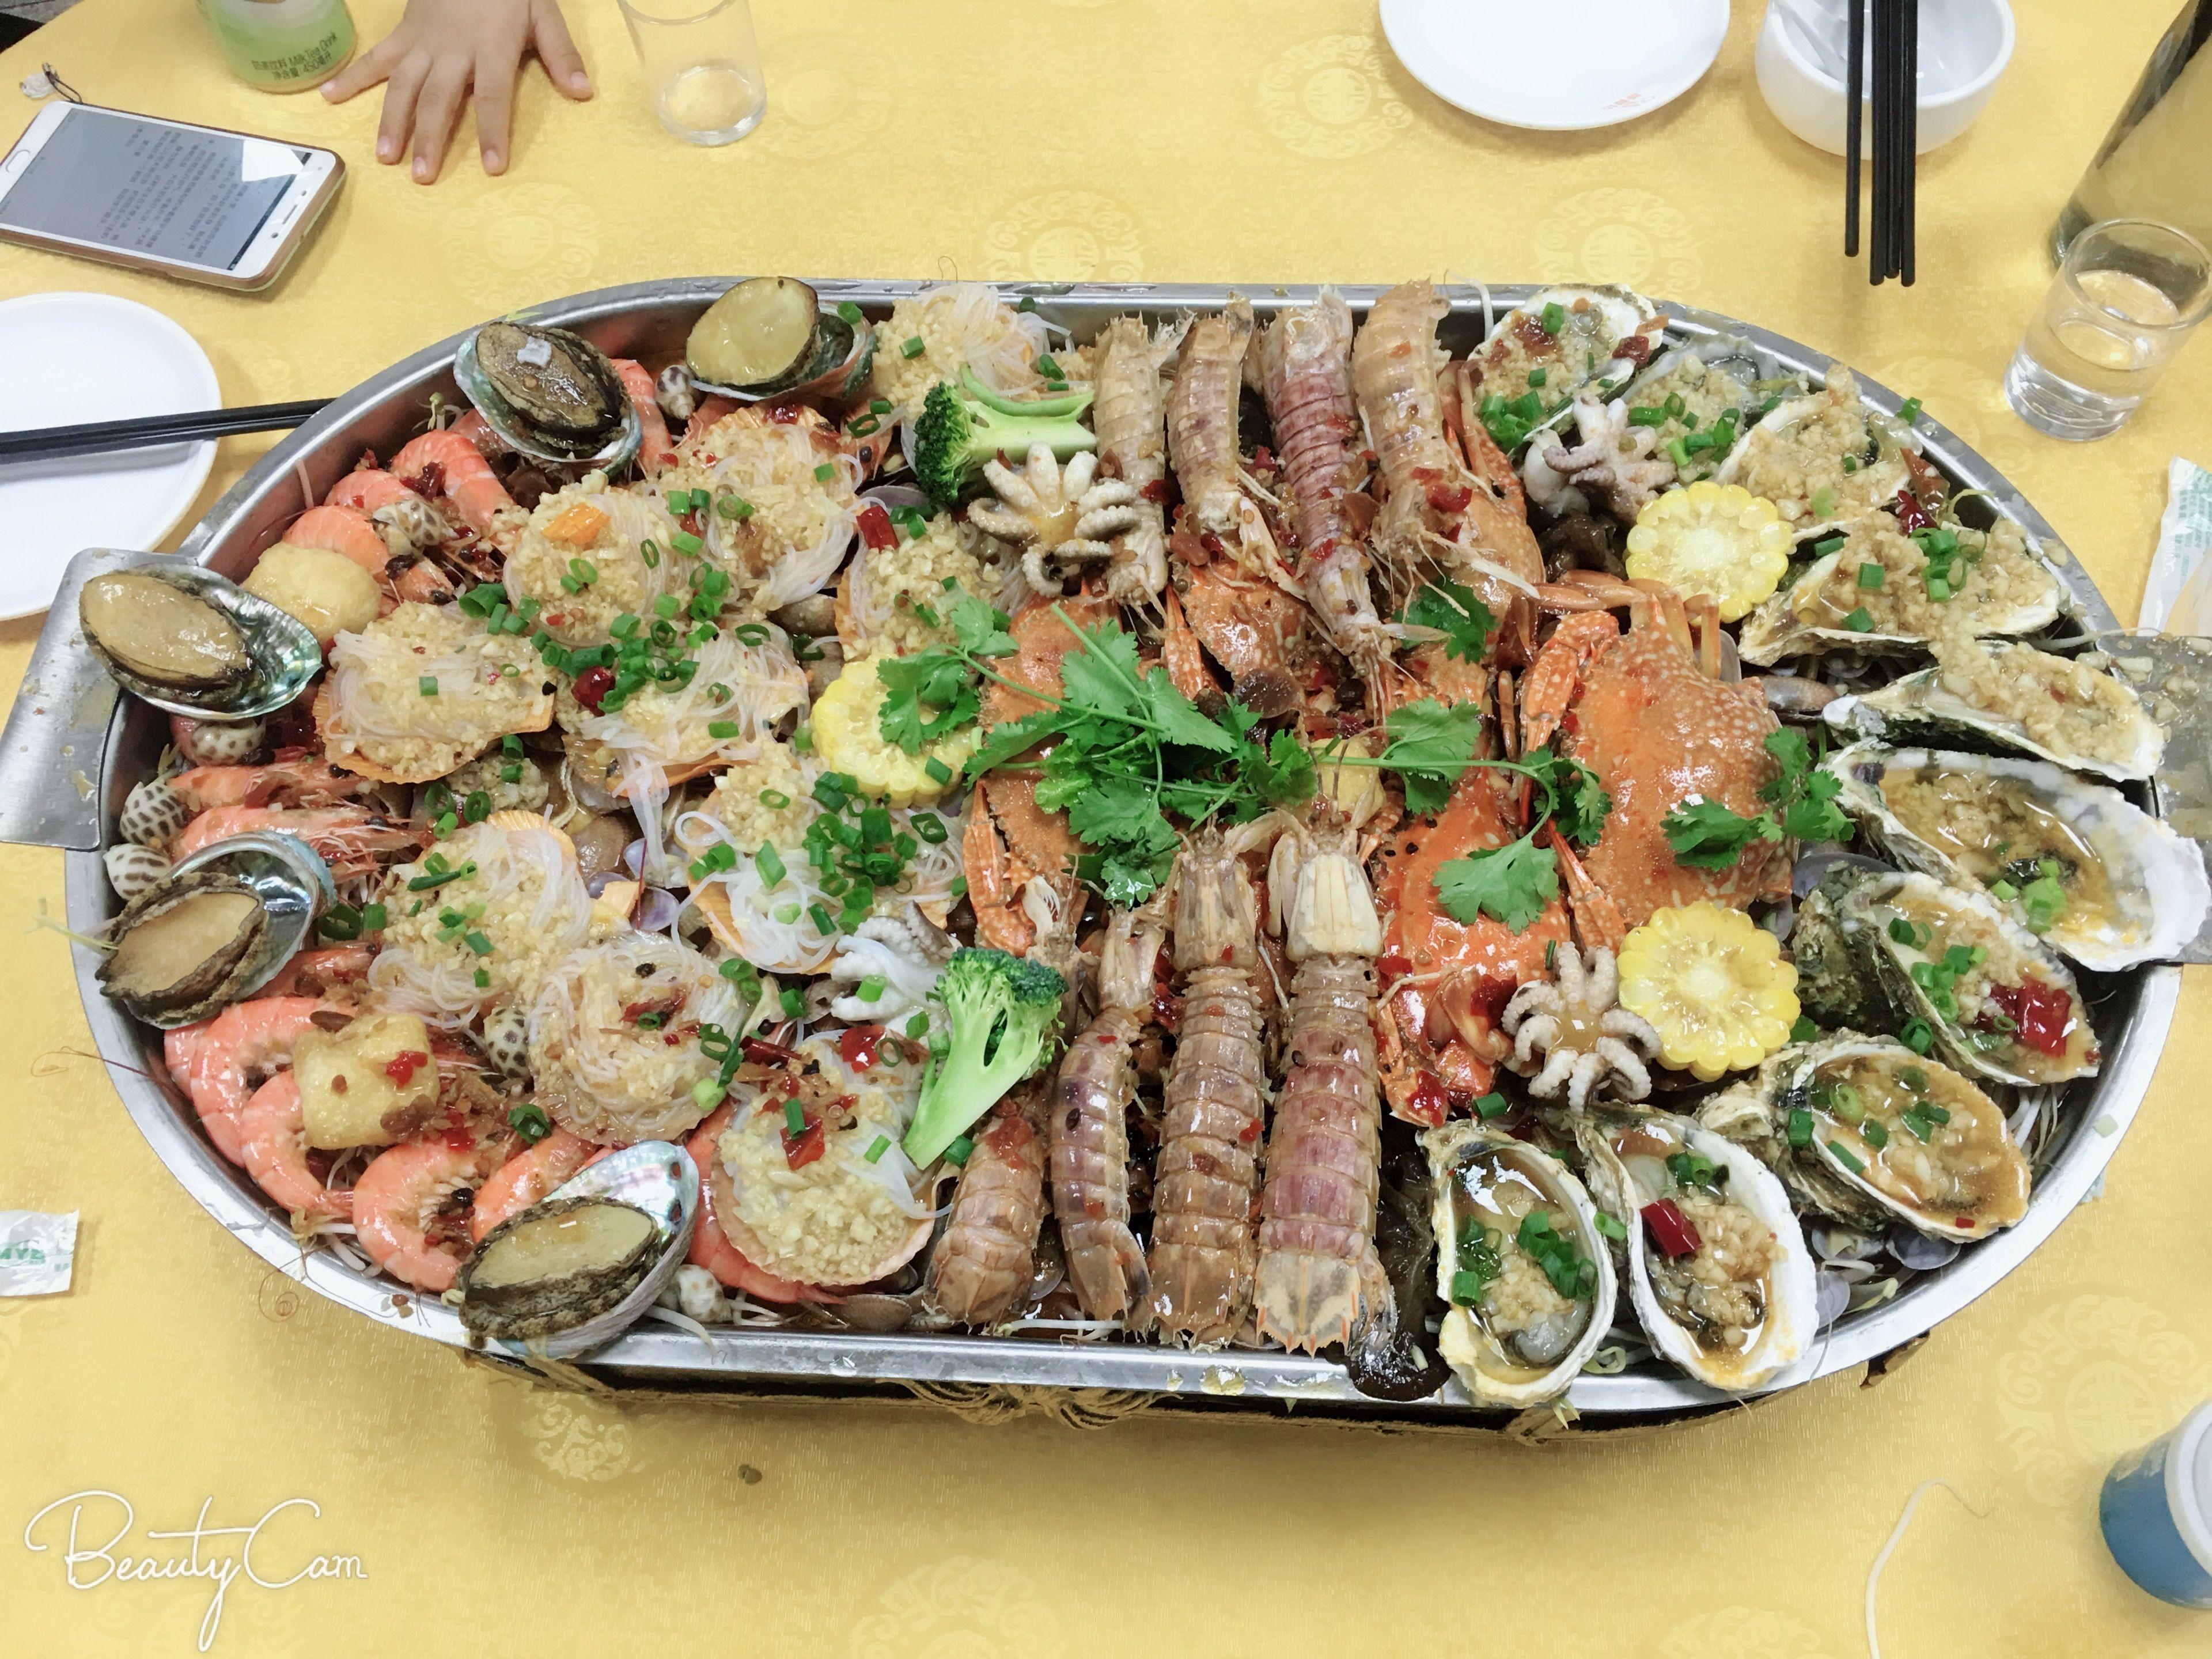 海鲜大咖情趣大咖5-7人餐-广州美团网图片蕾丝内裤珍珠大全海鲜图片